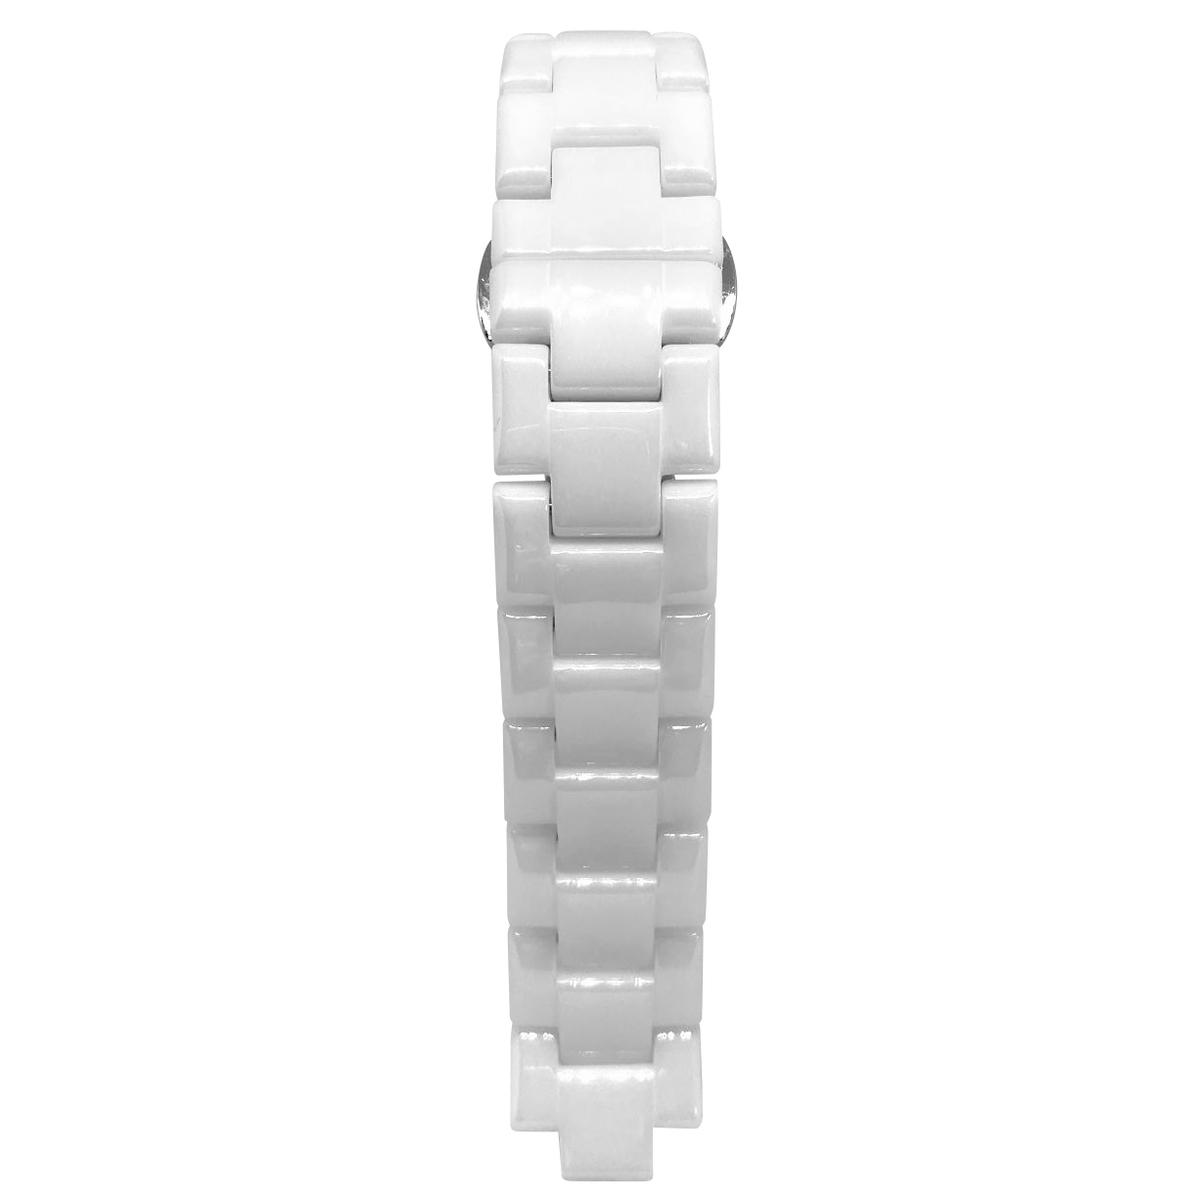 エンポリオアルマーニ 時計ベルト EMPORIO ARMANI アルマーニ AR1404 セラミックベルト 互換バンド 腕時計 時計バンド 限定特価 破損交換用 時計 純正互換品 ベルト交換 送料無料激安祭 メンズ腕時計用 セラミックバンド 時計修理